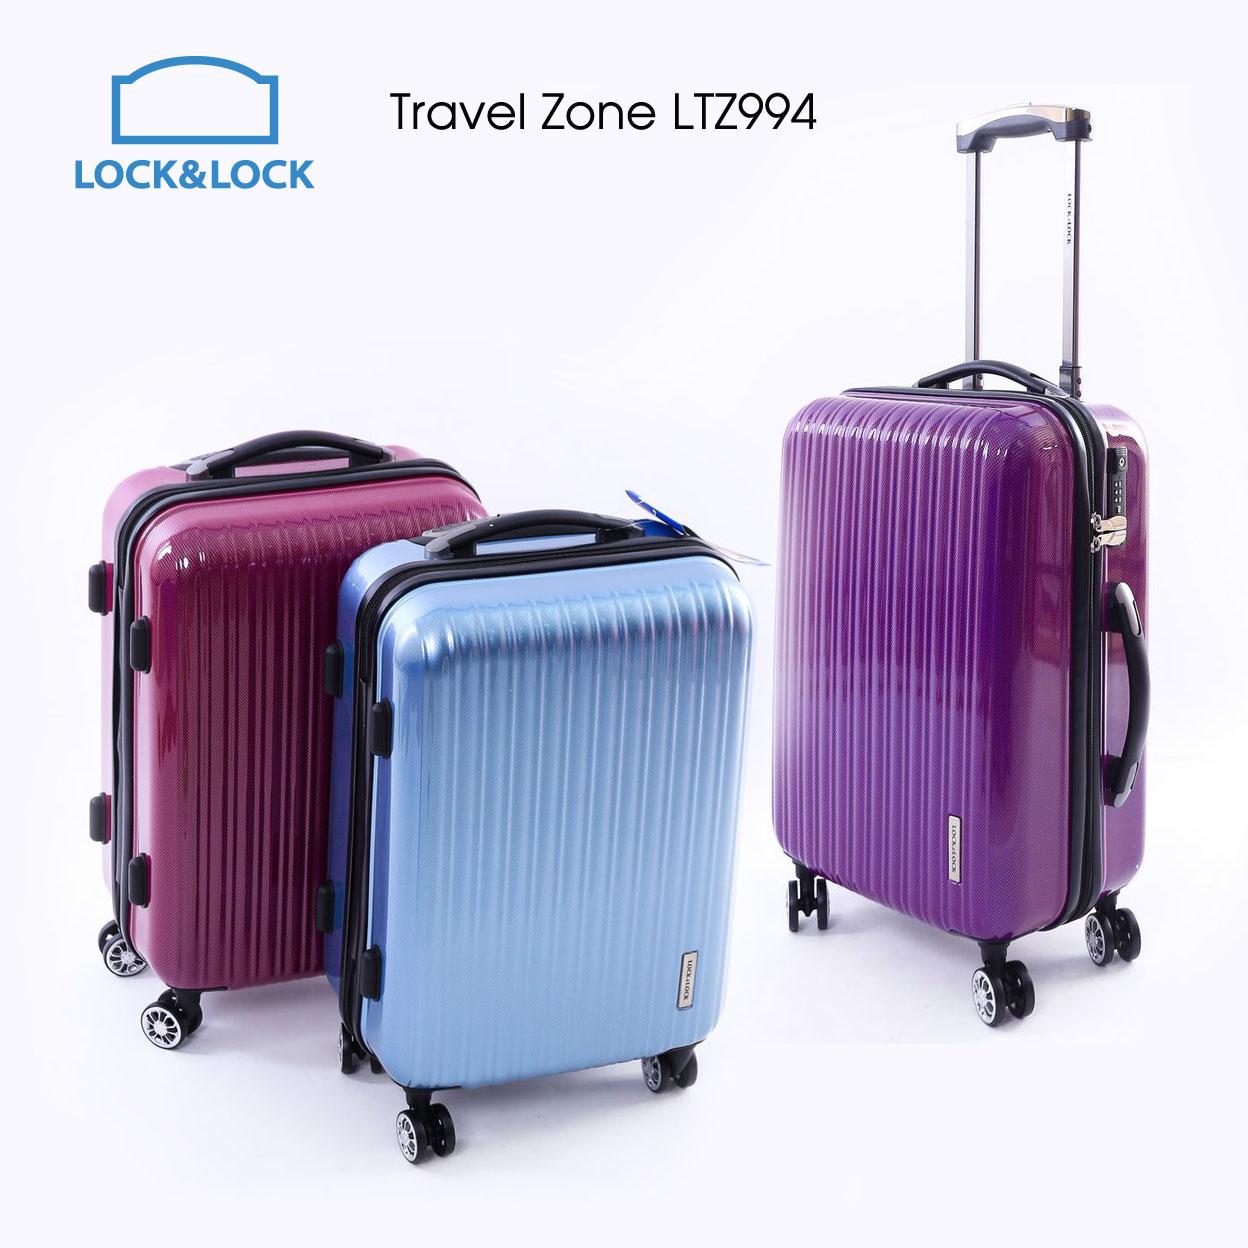 Vali Kéo Có Khóa Số Du Lịch Lock&Lock Travel Zone LTZ994TSA 20inch